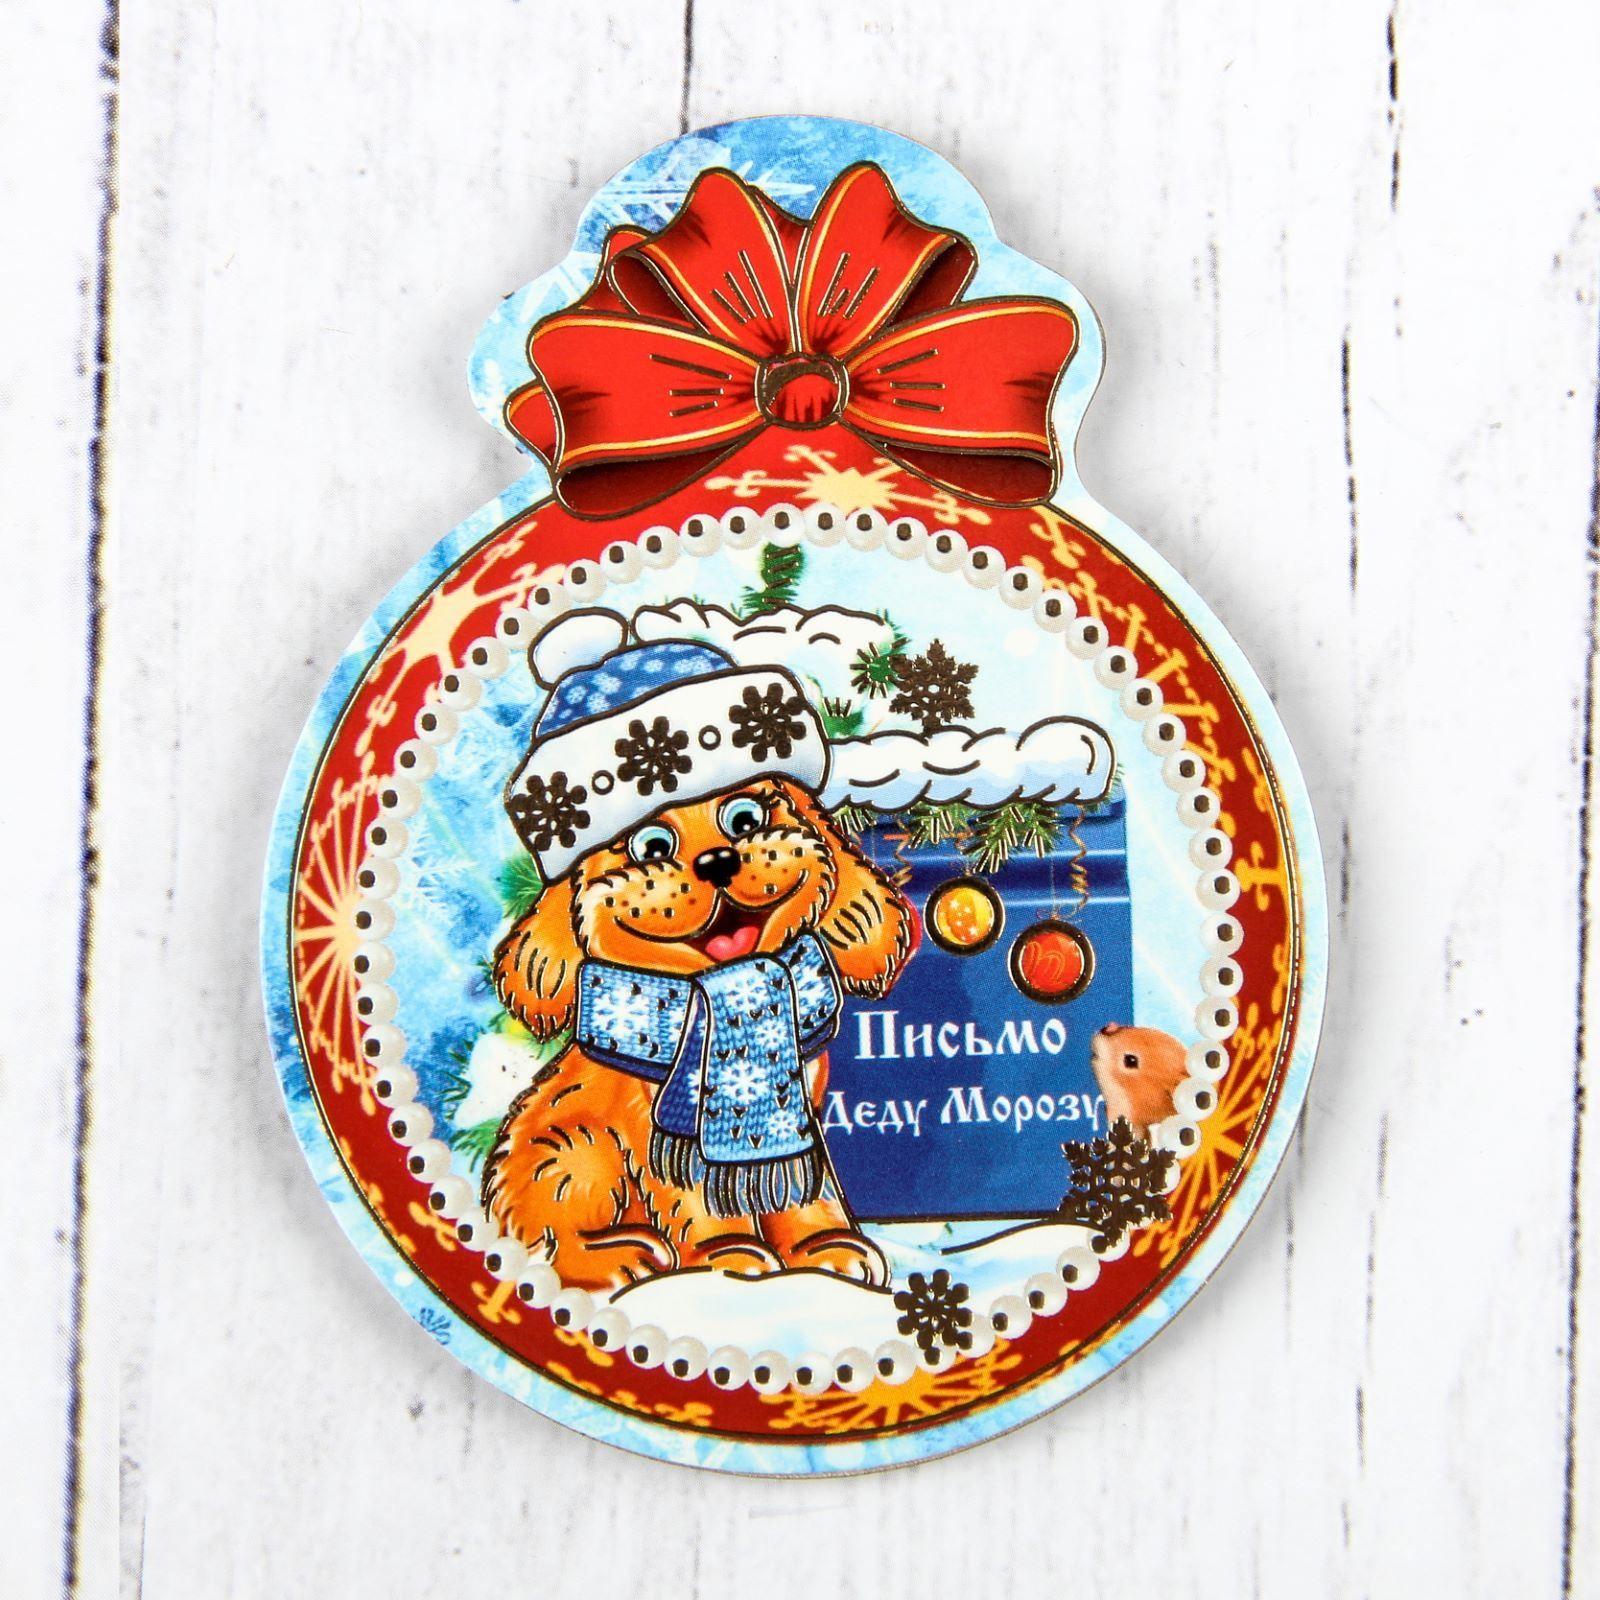 Магнит Sima-land Новогодний. 2018, 9,5 х7,5 см. 25323872532387Порадуйте родных и близких оригинальным сувениром: преподнесите в подарок магнит. С ним даже самый серьёзный человек почувствует себя ребёнком, ожидающим чудо! Создайте праздничное настроение, и оно останется с вами на весь год.